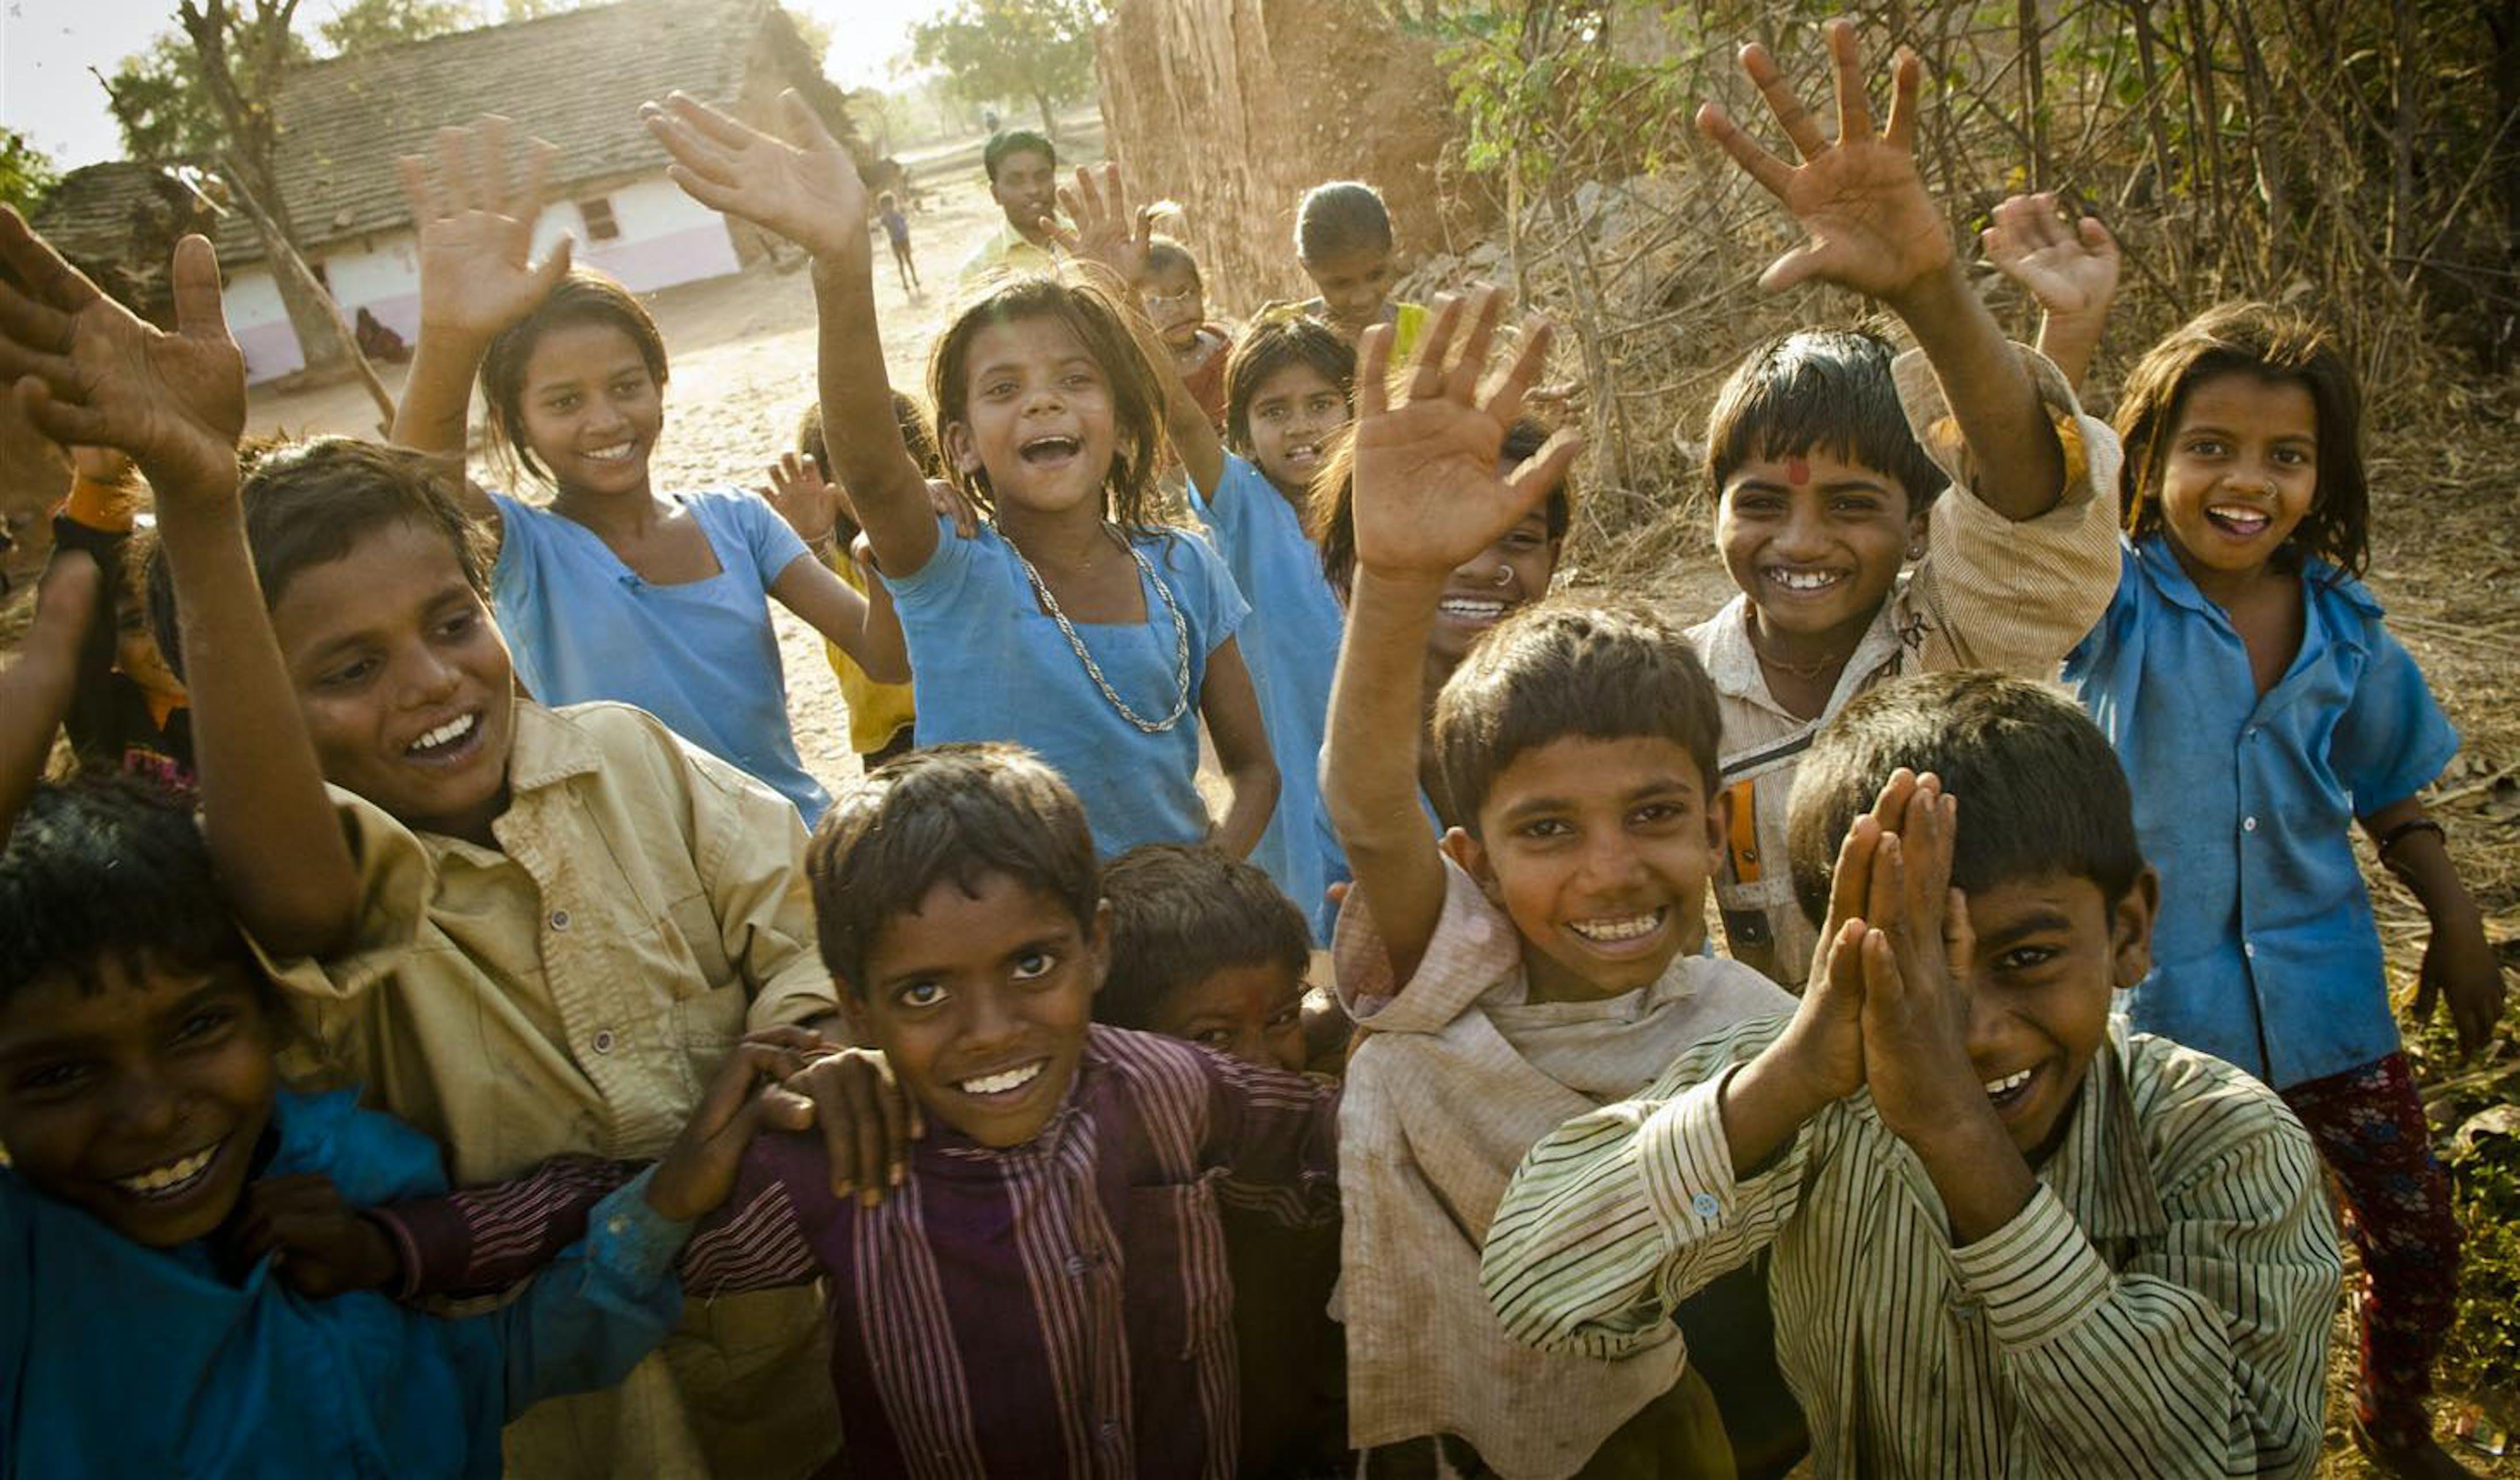 © UNICEFINDA2011-00191NIKLAS HALLE